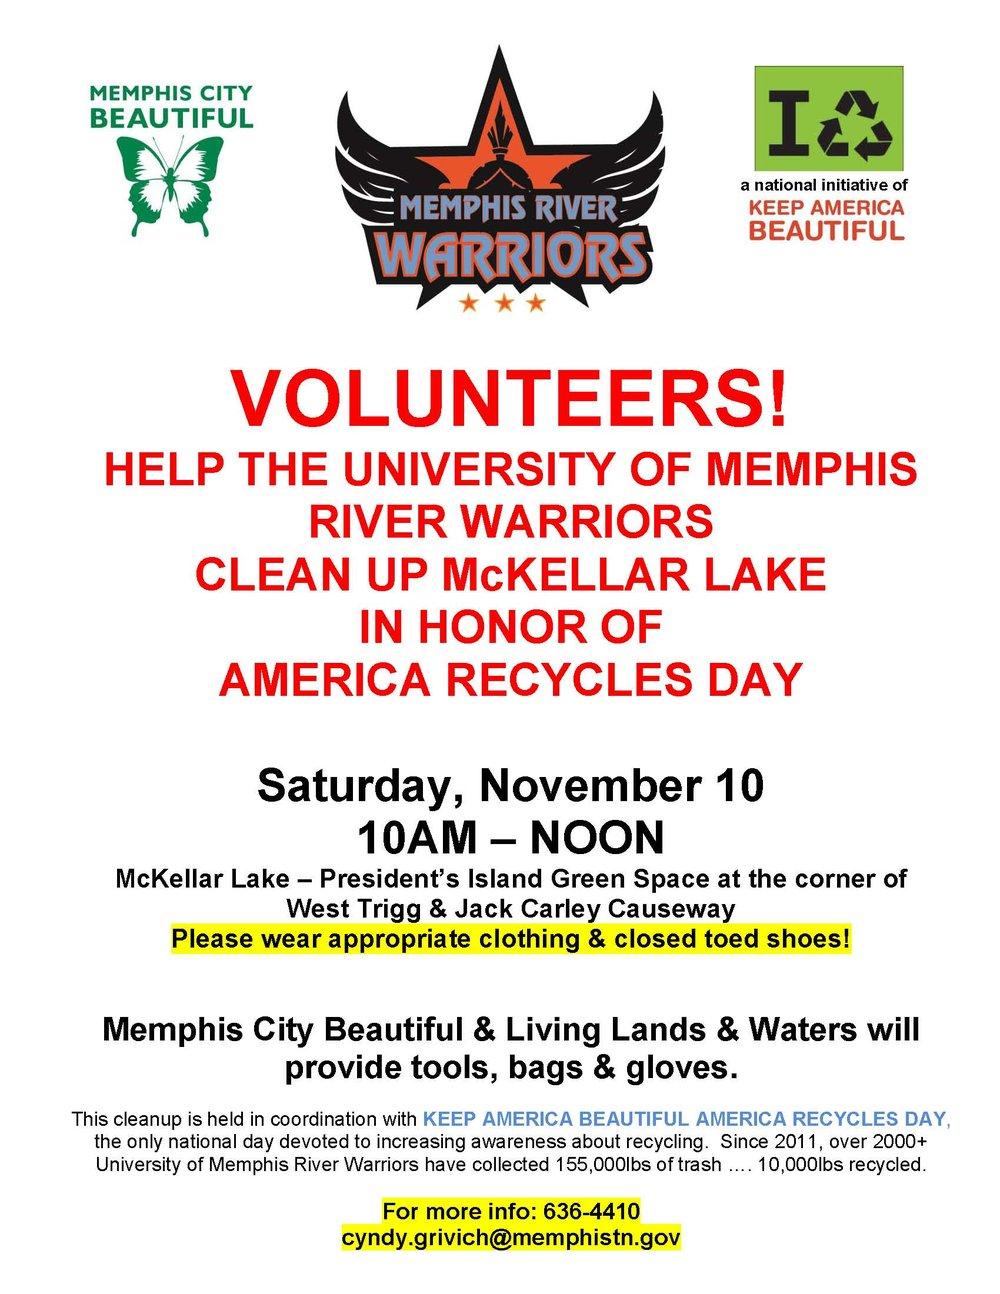 Memphis City Beautiful  River Warriors Recycle Cleanup McKellar Lake 2018.jpg